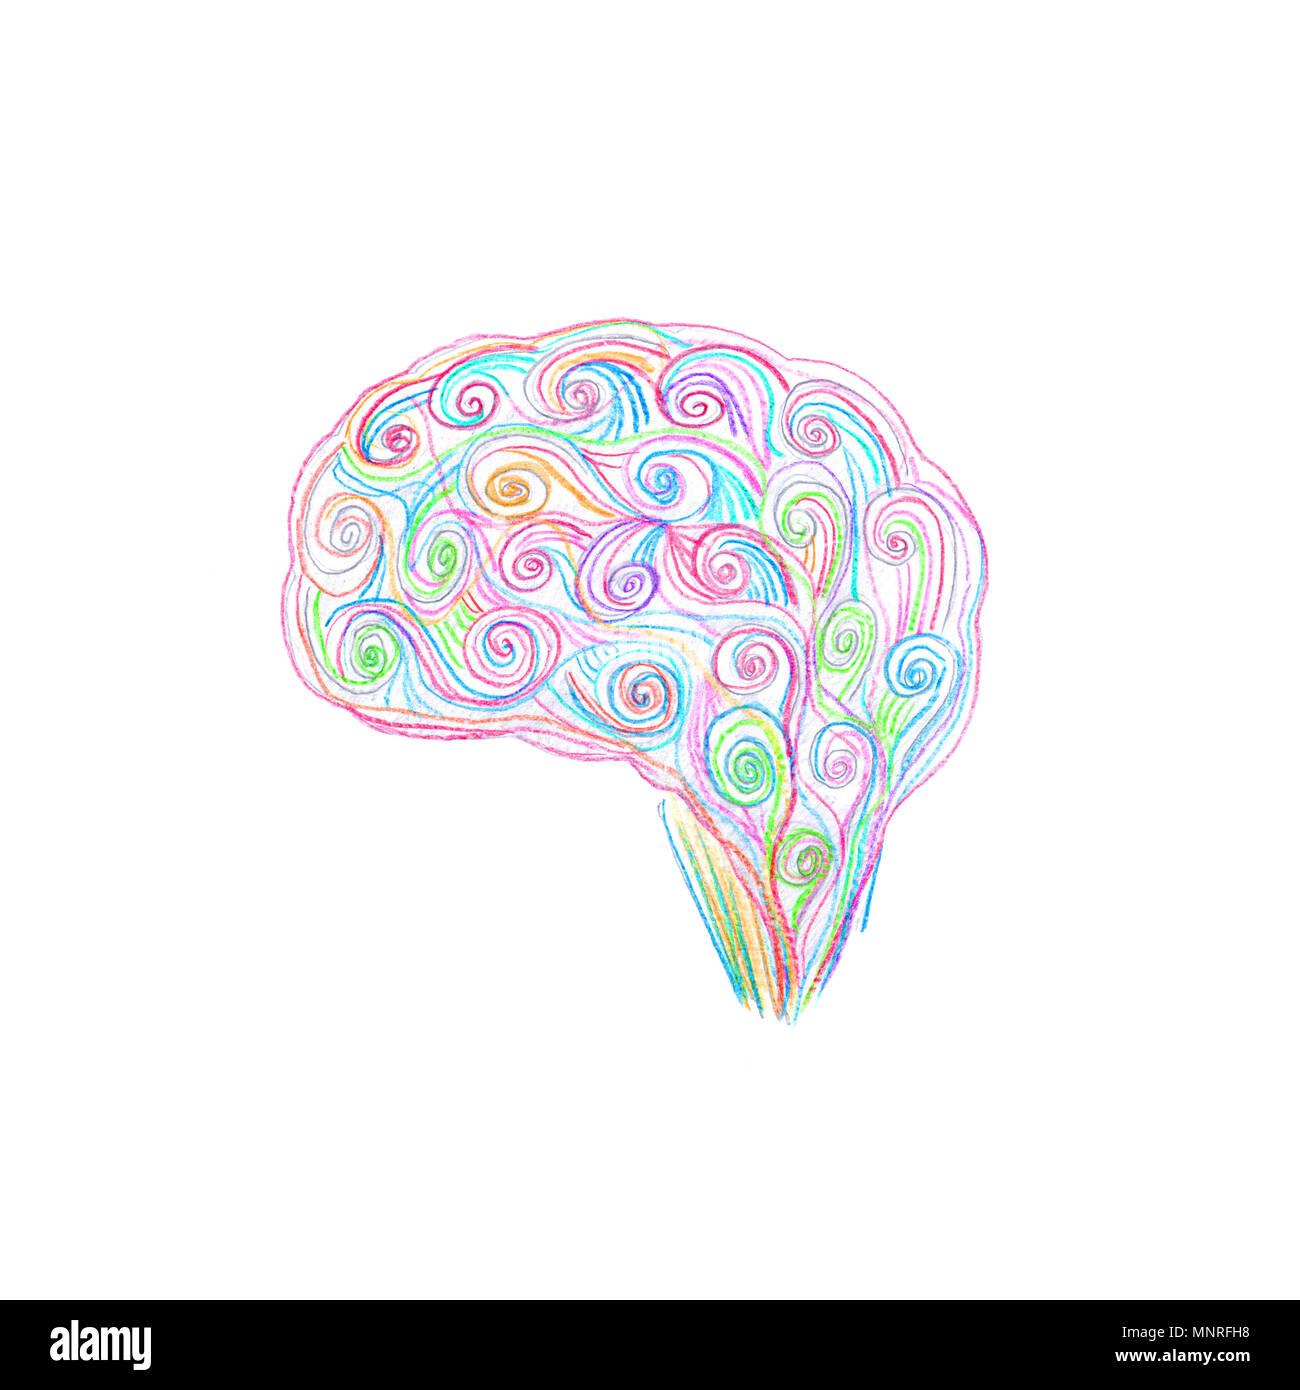 Cerebro de dibujo con lápices de colores. Concepto de creatividad. Imagen De Stock